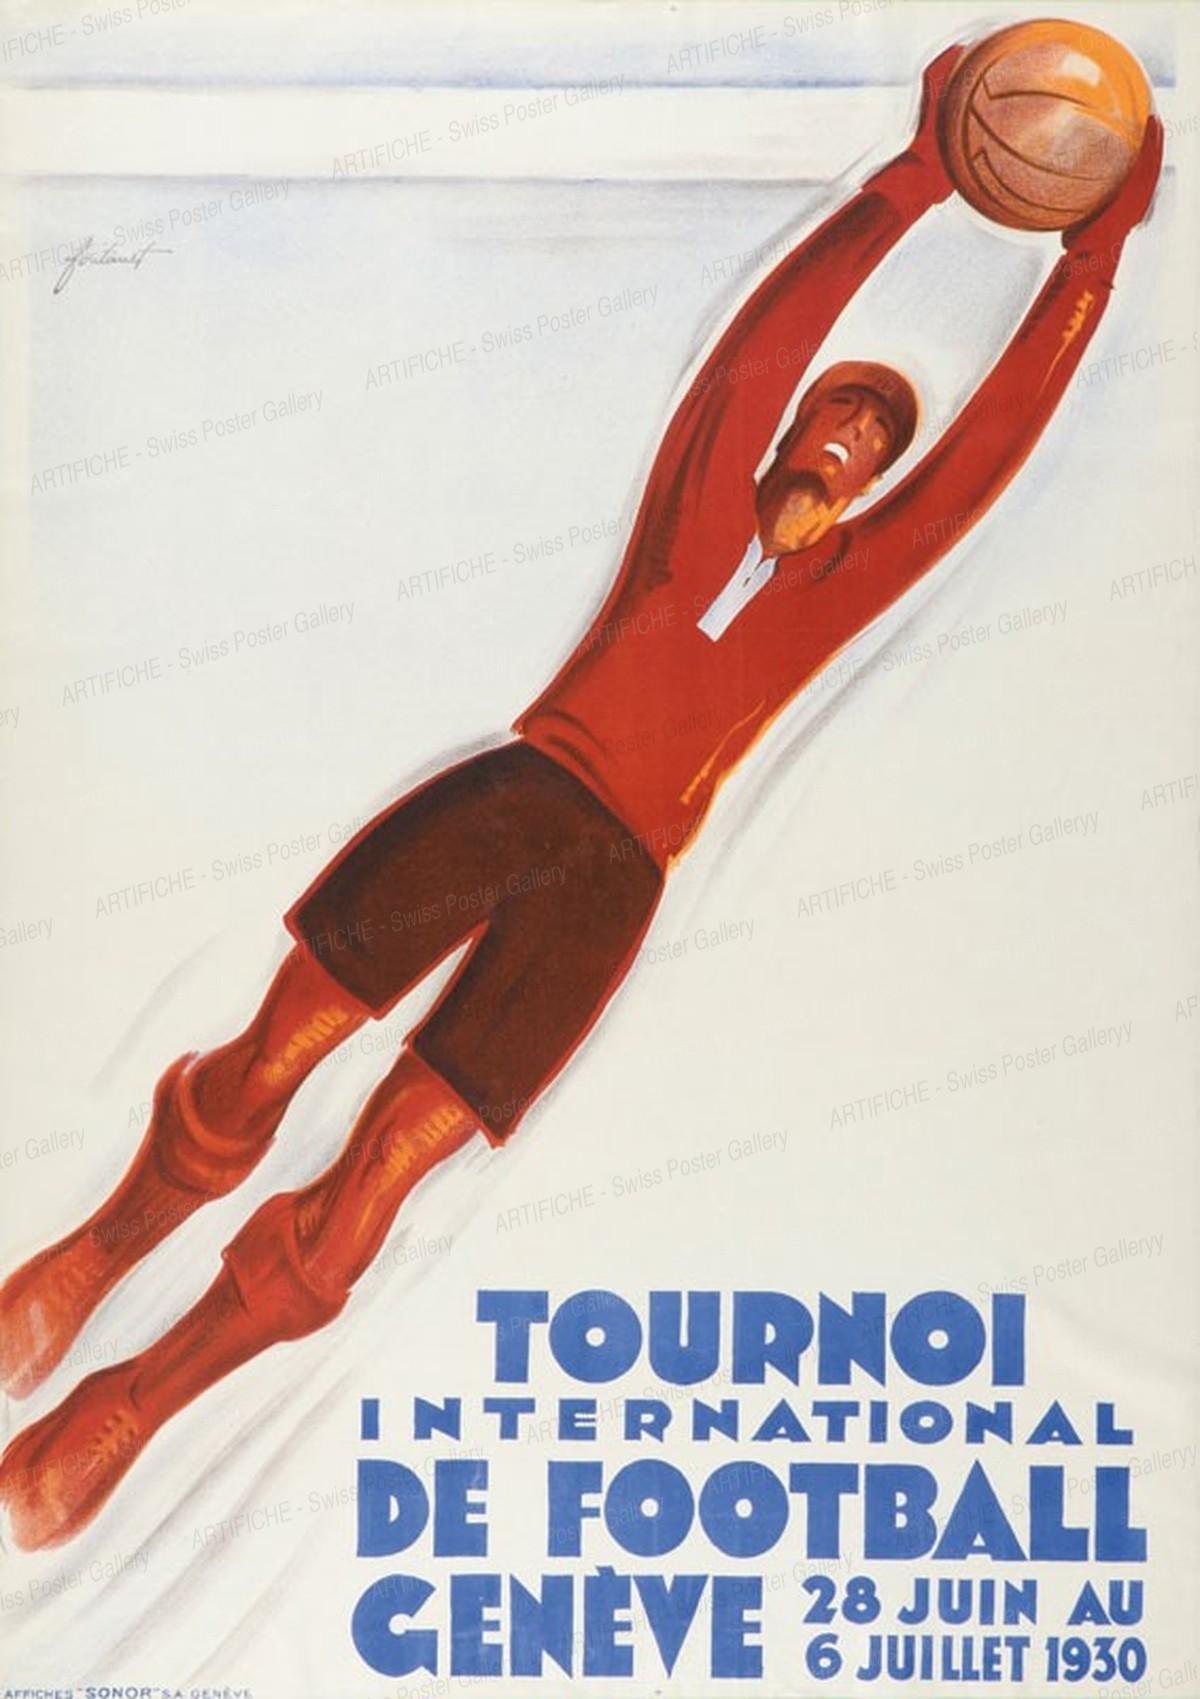 International football tournament, Noël Fontanet